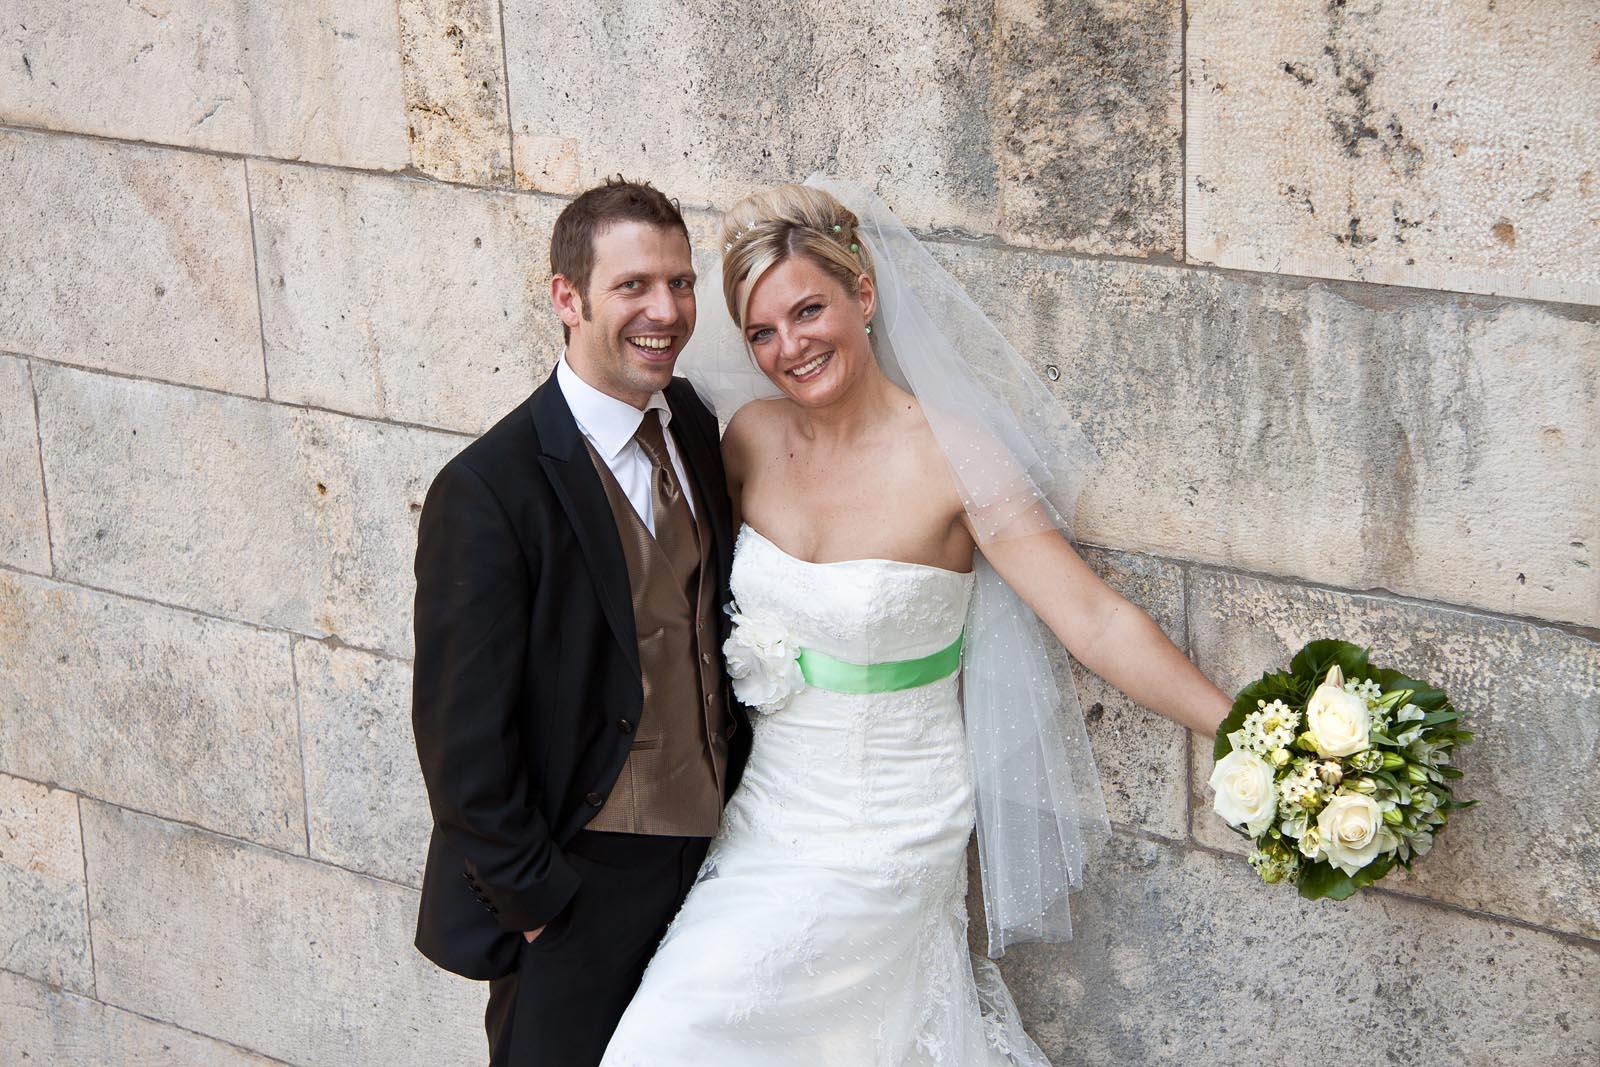 Hochzeitsportraits-Bindl-Hochzeitsportraits-Bindl-8318.jpg